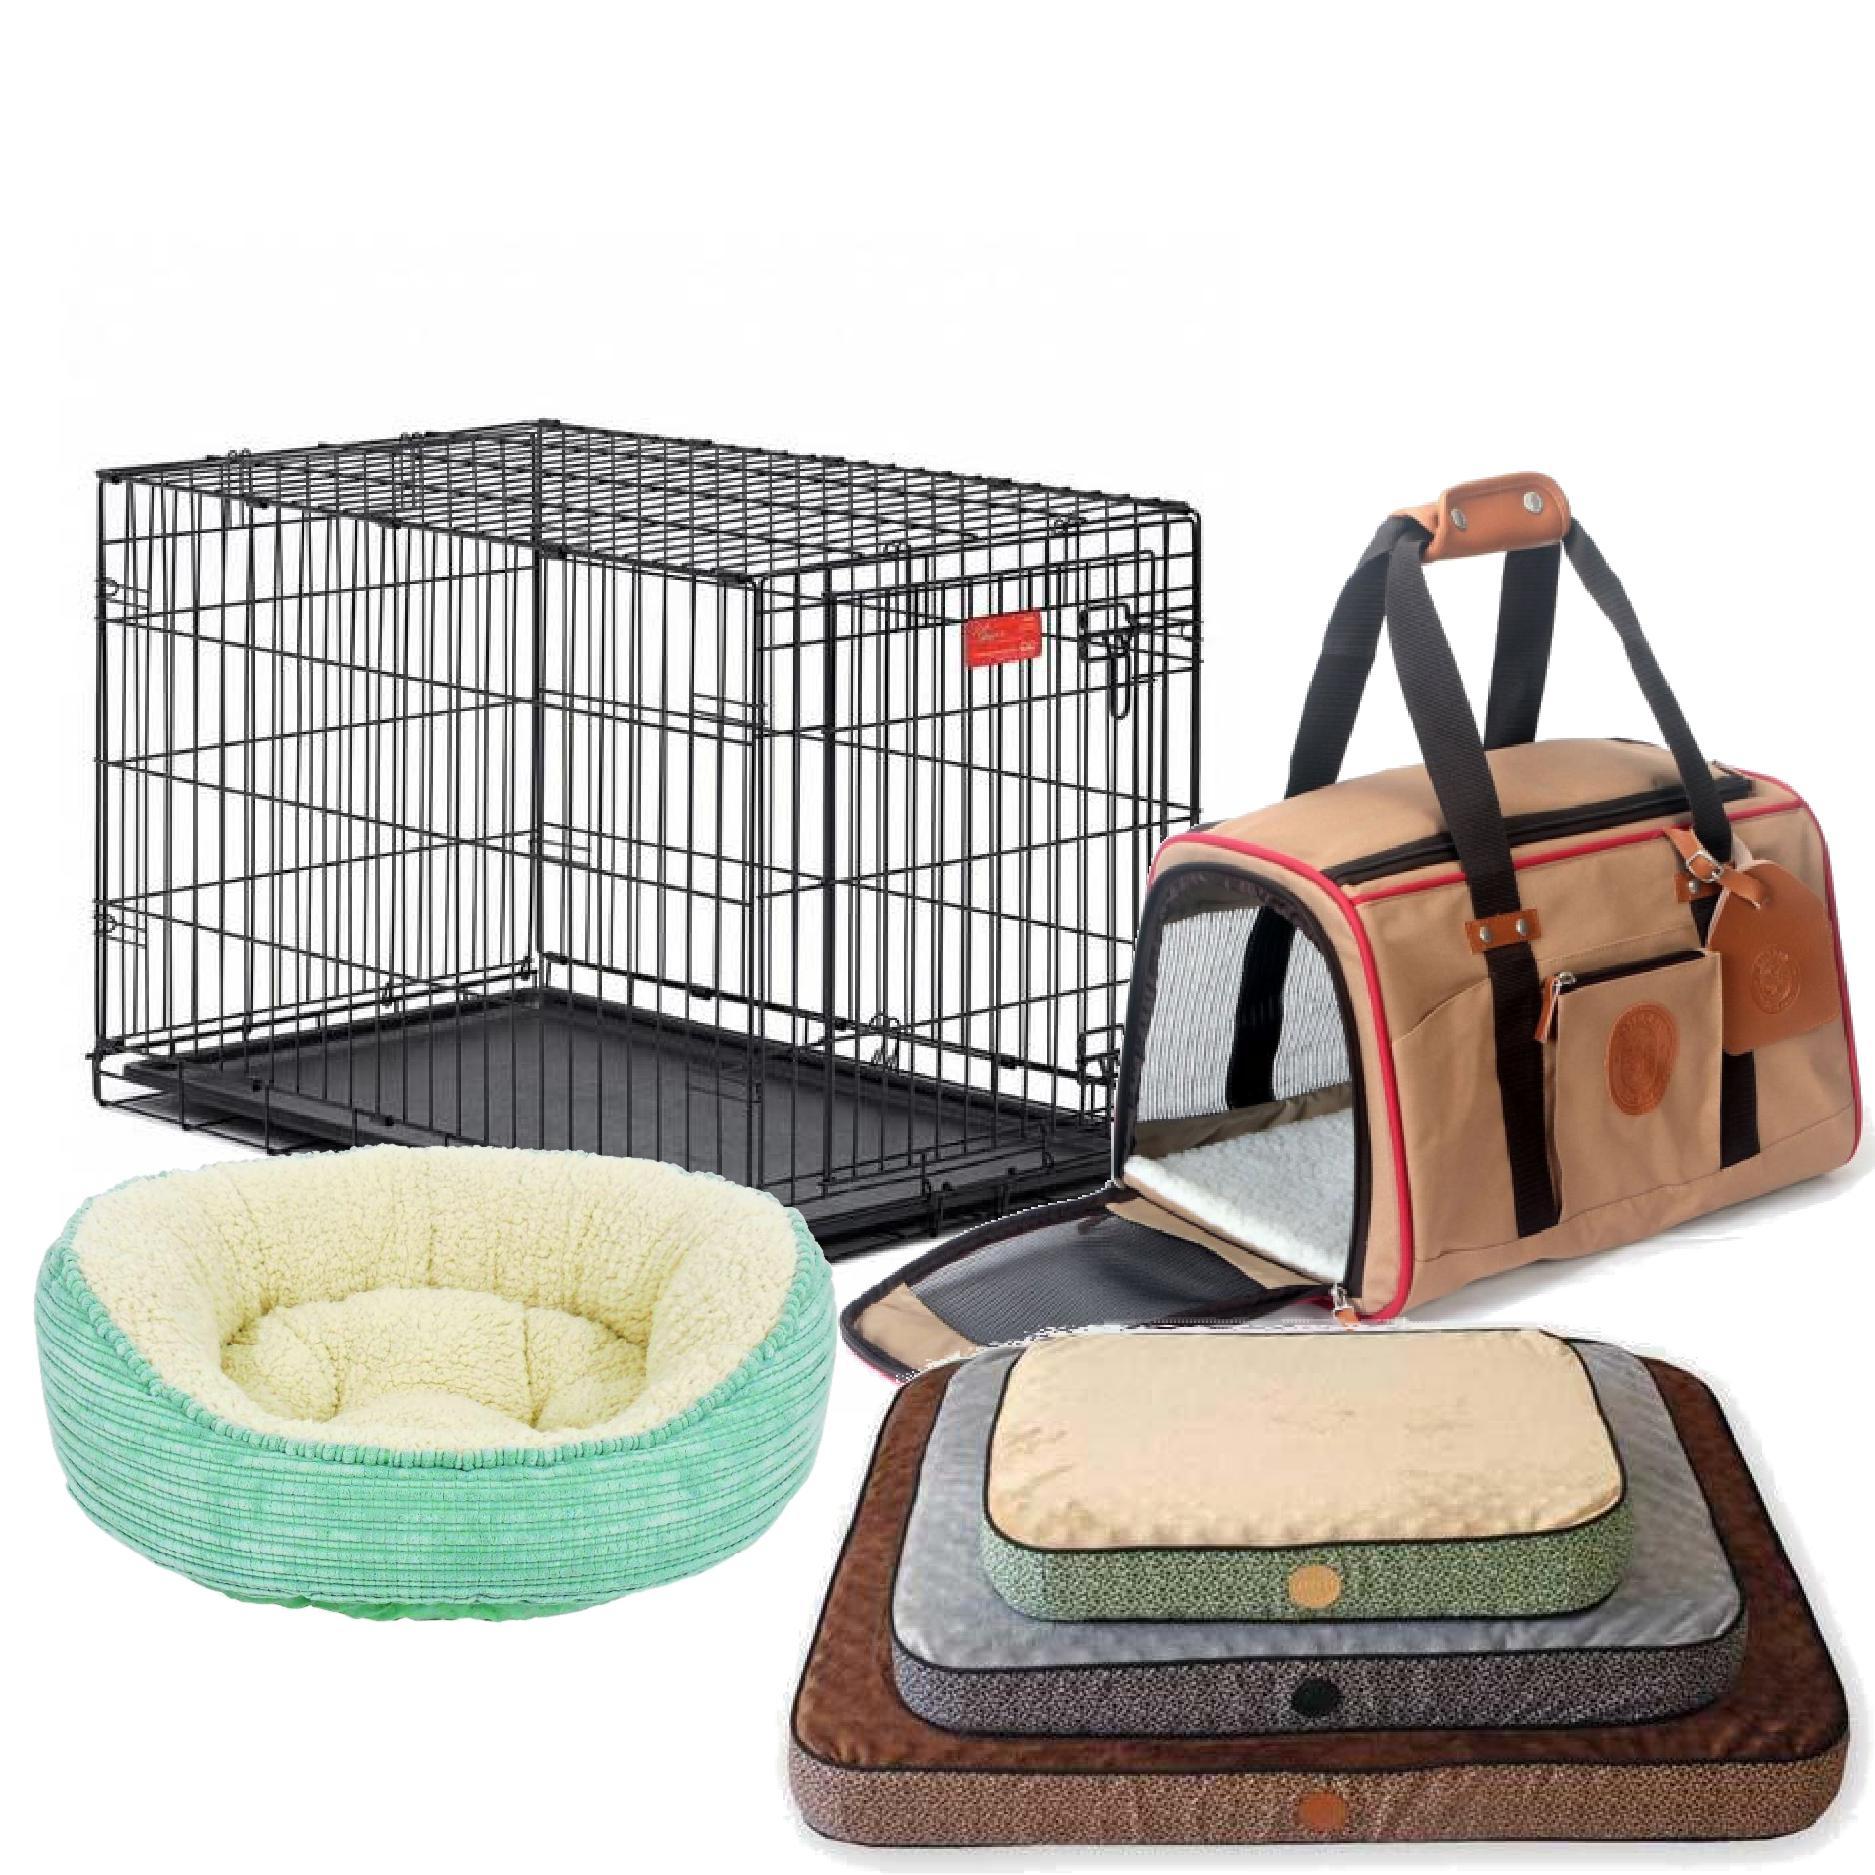 Shop Beds, Crates & Gates | Peacebone